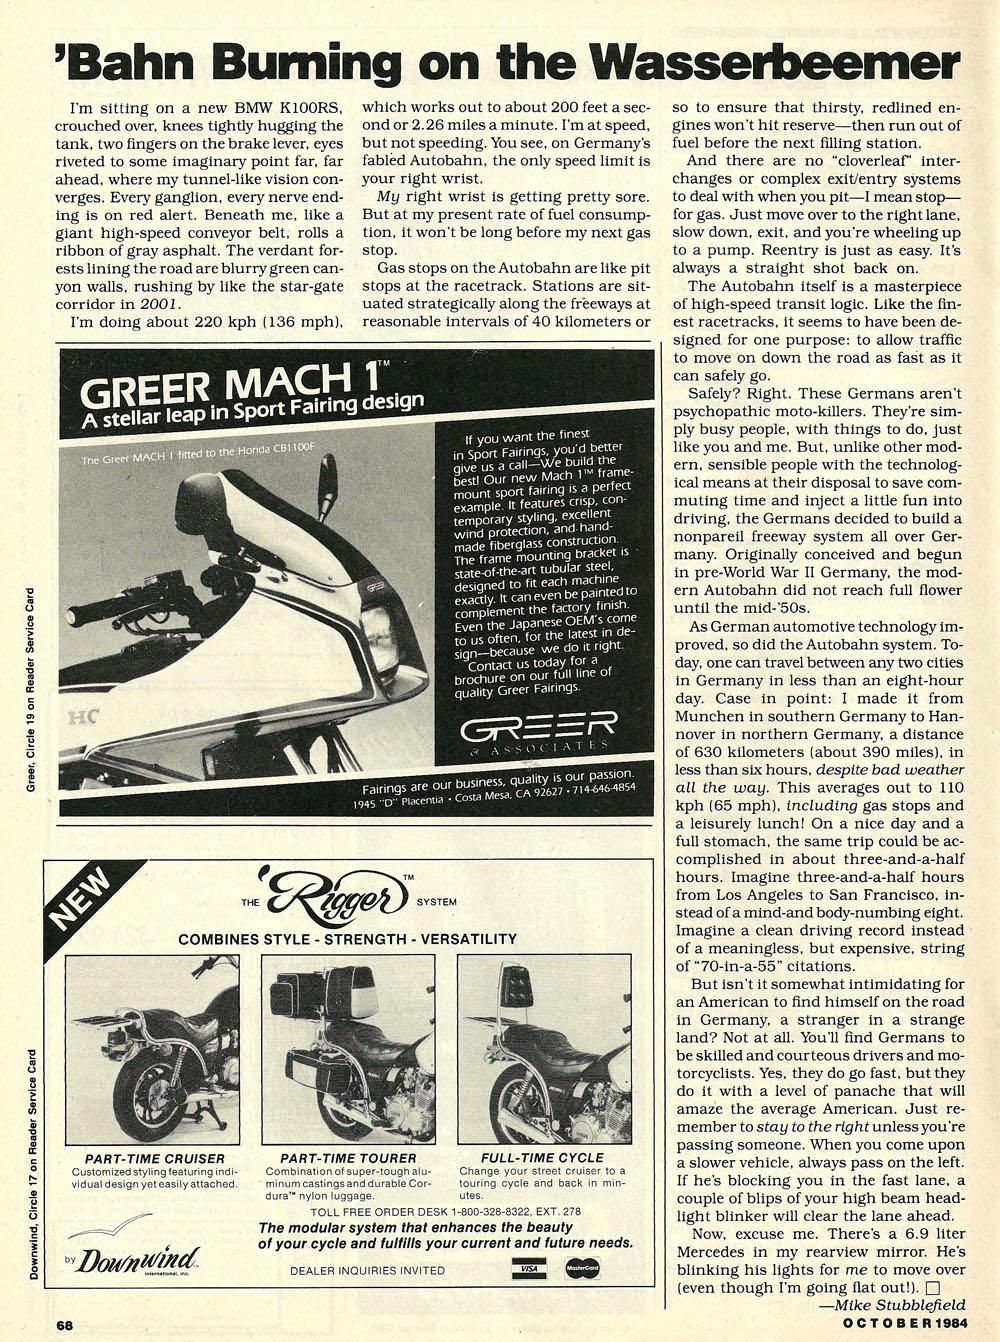 1984 BMW K100RS rider test 05.jpg